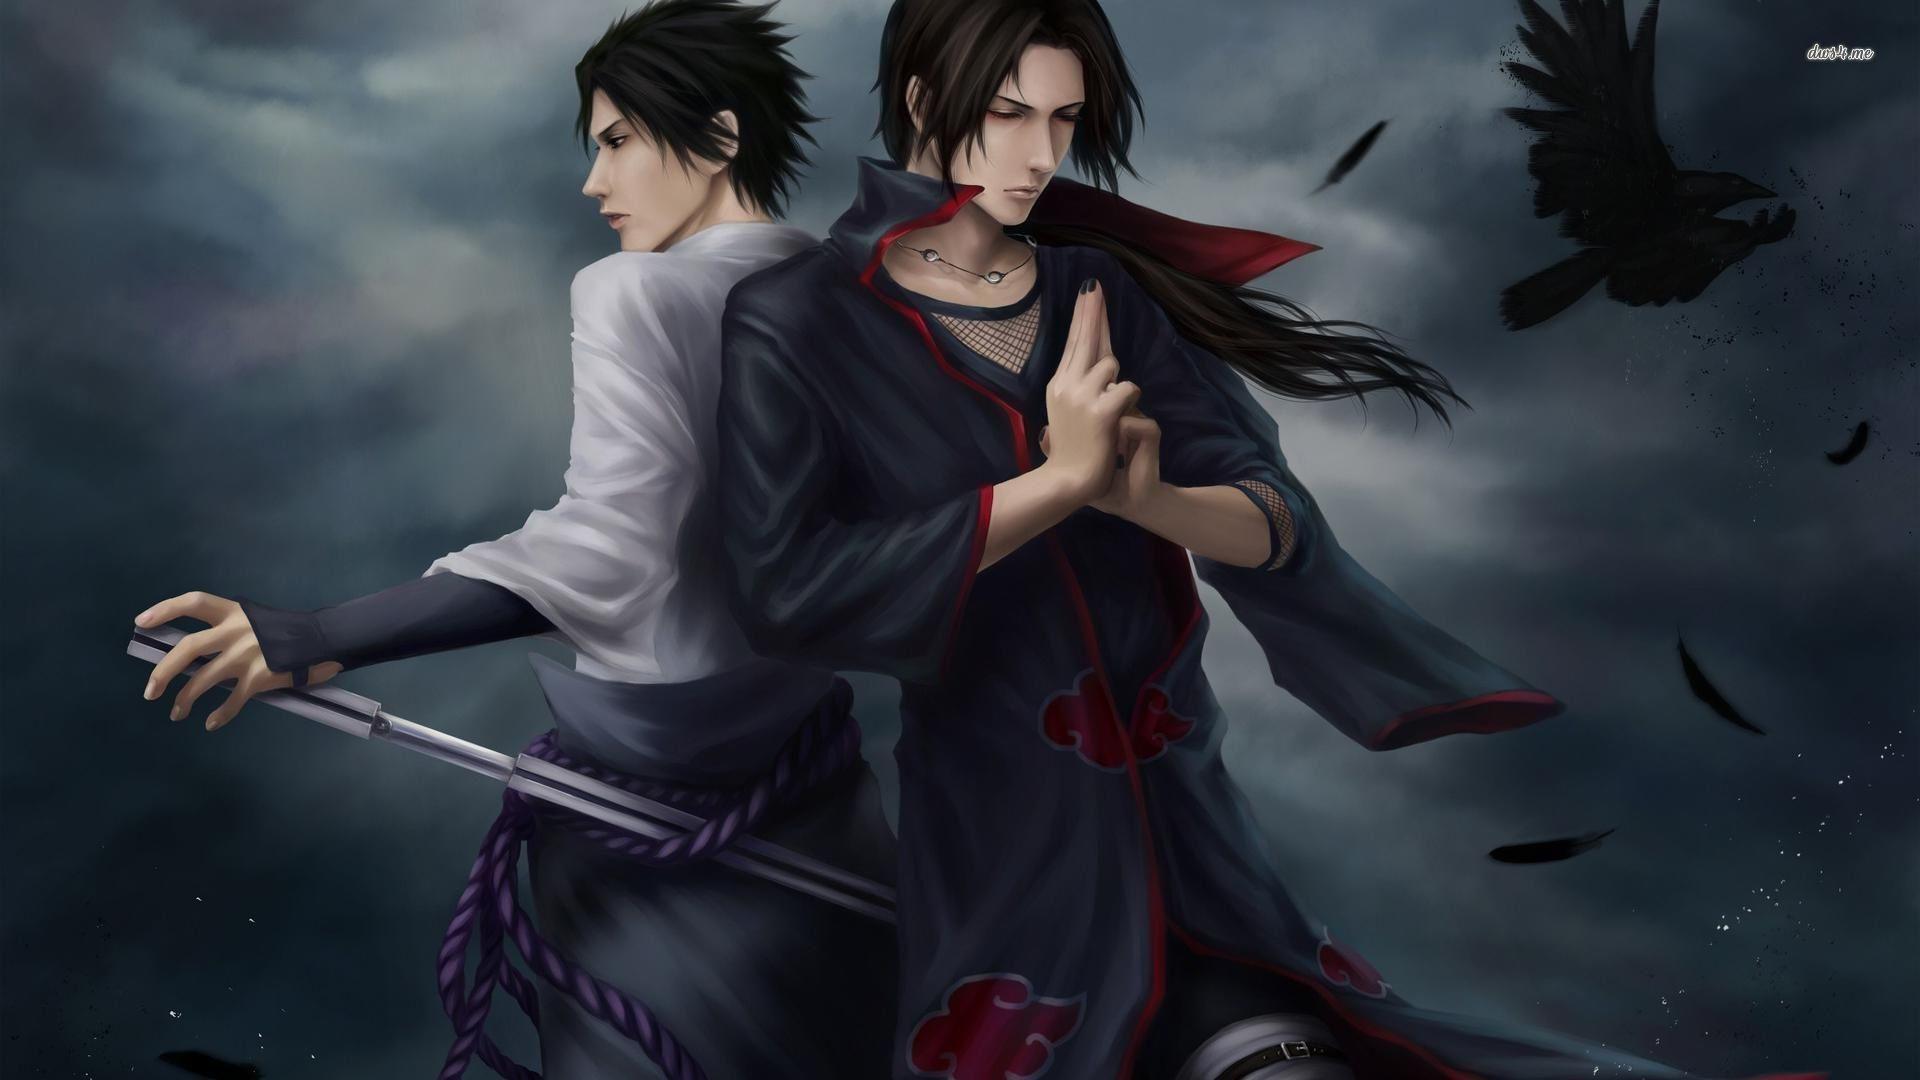 Hd Itachi Sasuke 4k Pics For Mobile